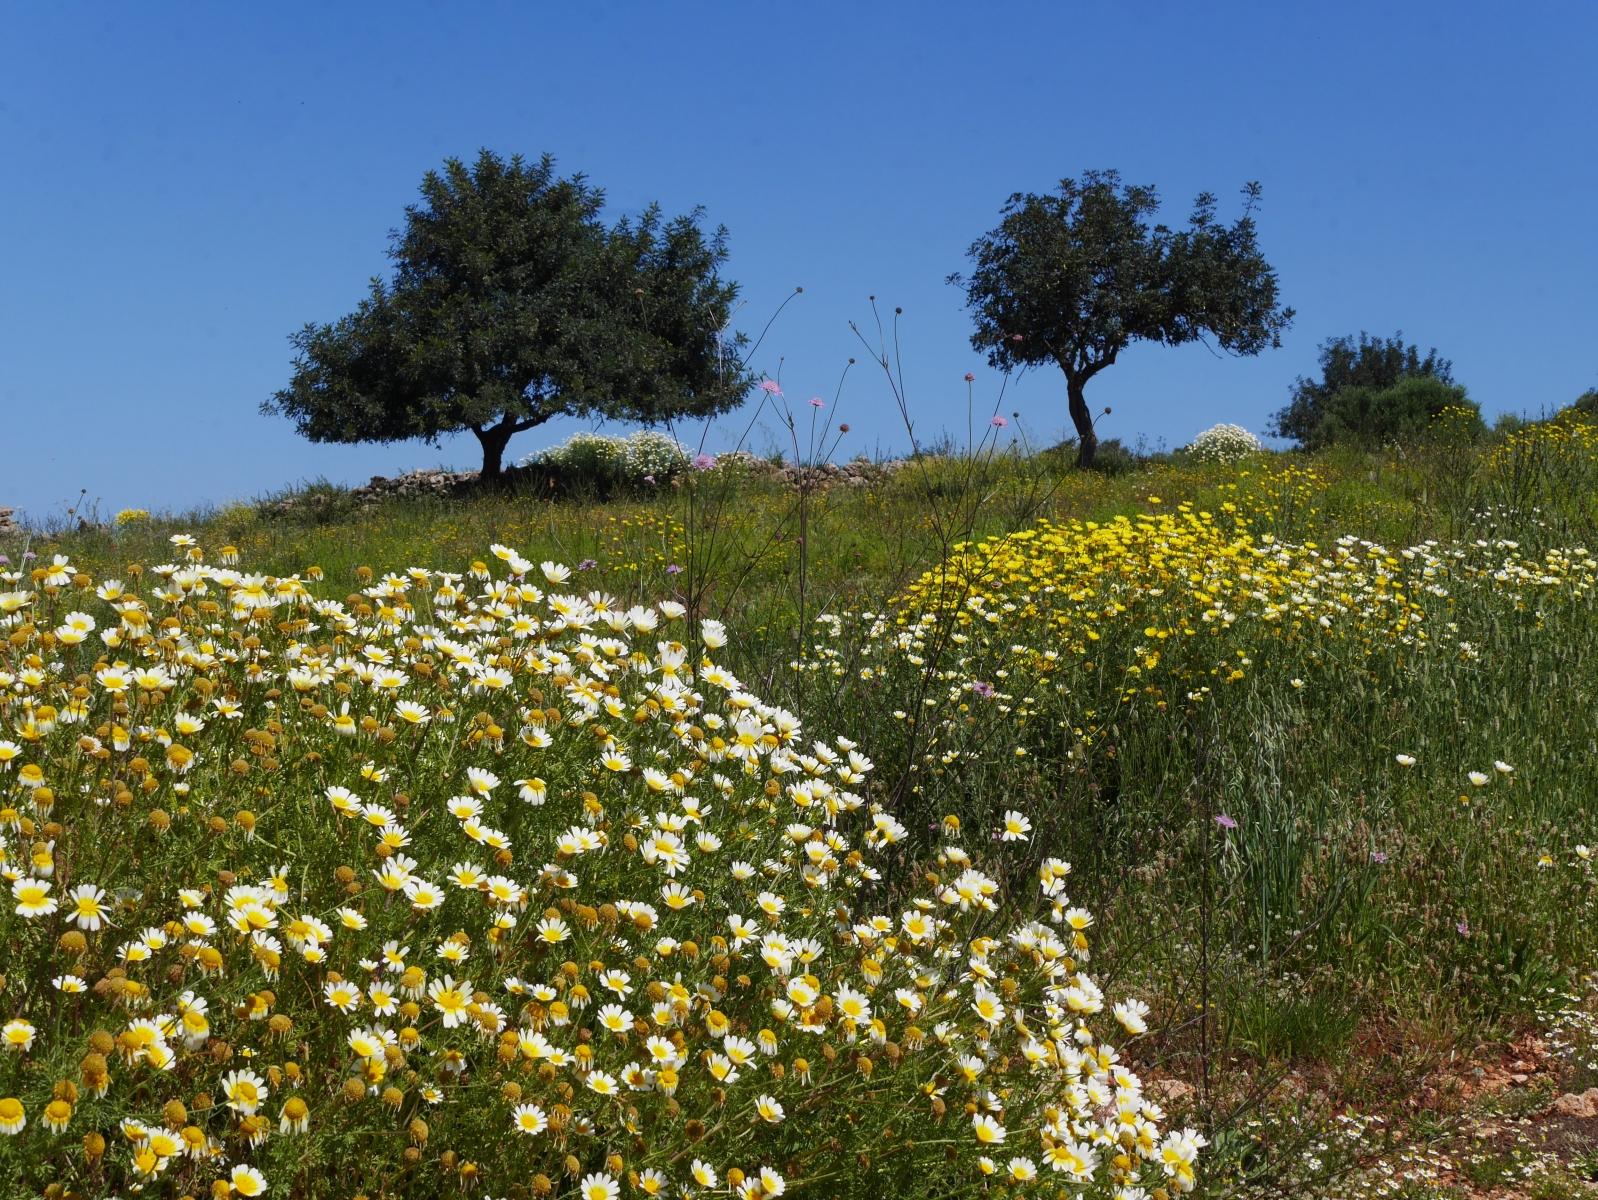 Riesige Büsche von wilden Margeritten, im Hintergrund Olivenbäume.